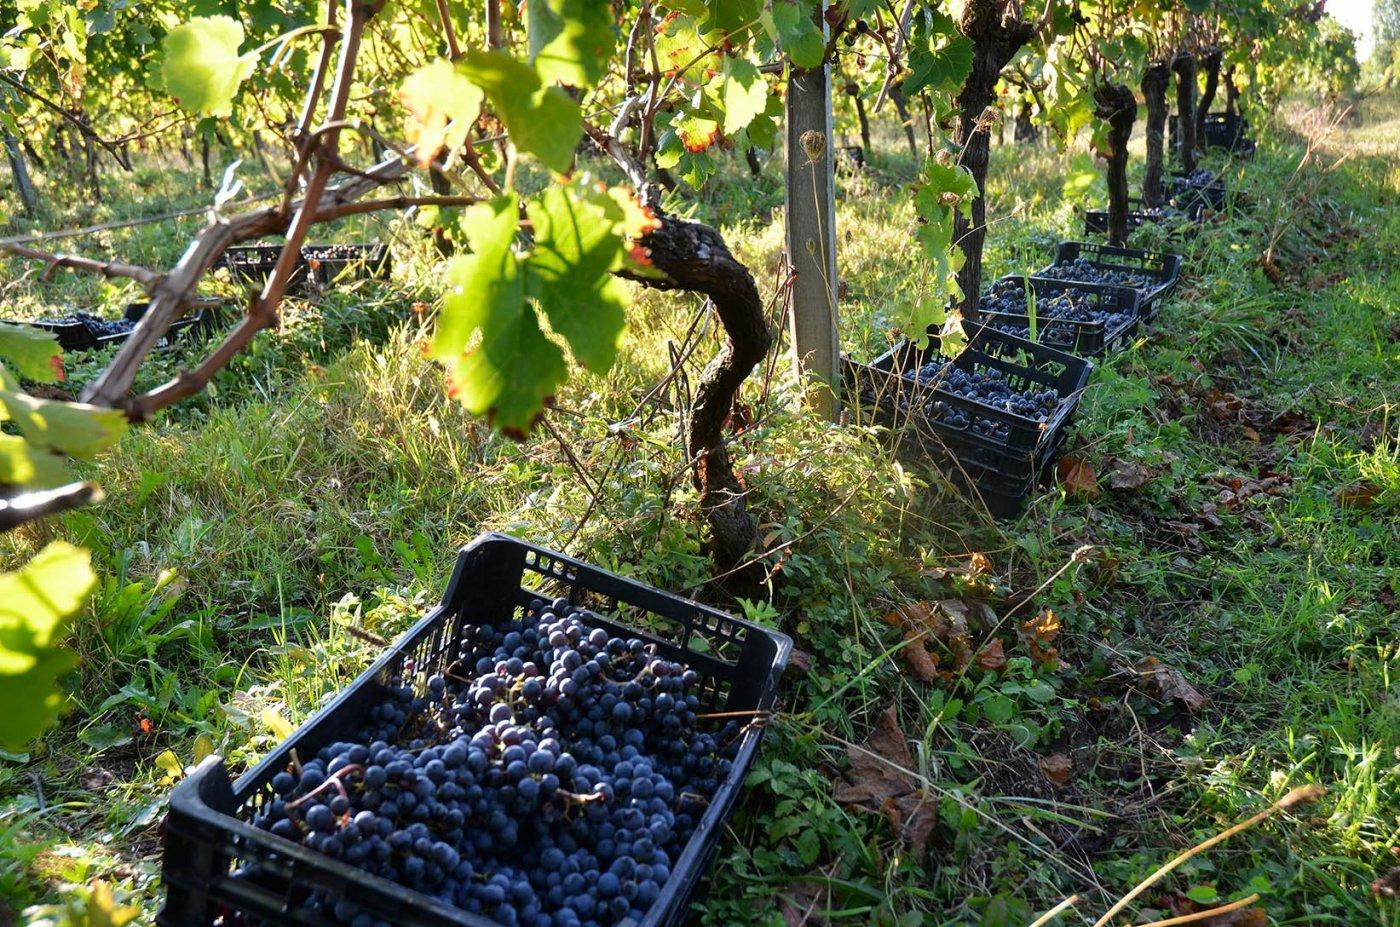 chateau-pre-lande-des-cagettes-ajourees-et-de-faible-contenance-pour-respecter-raisins